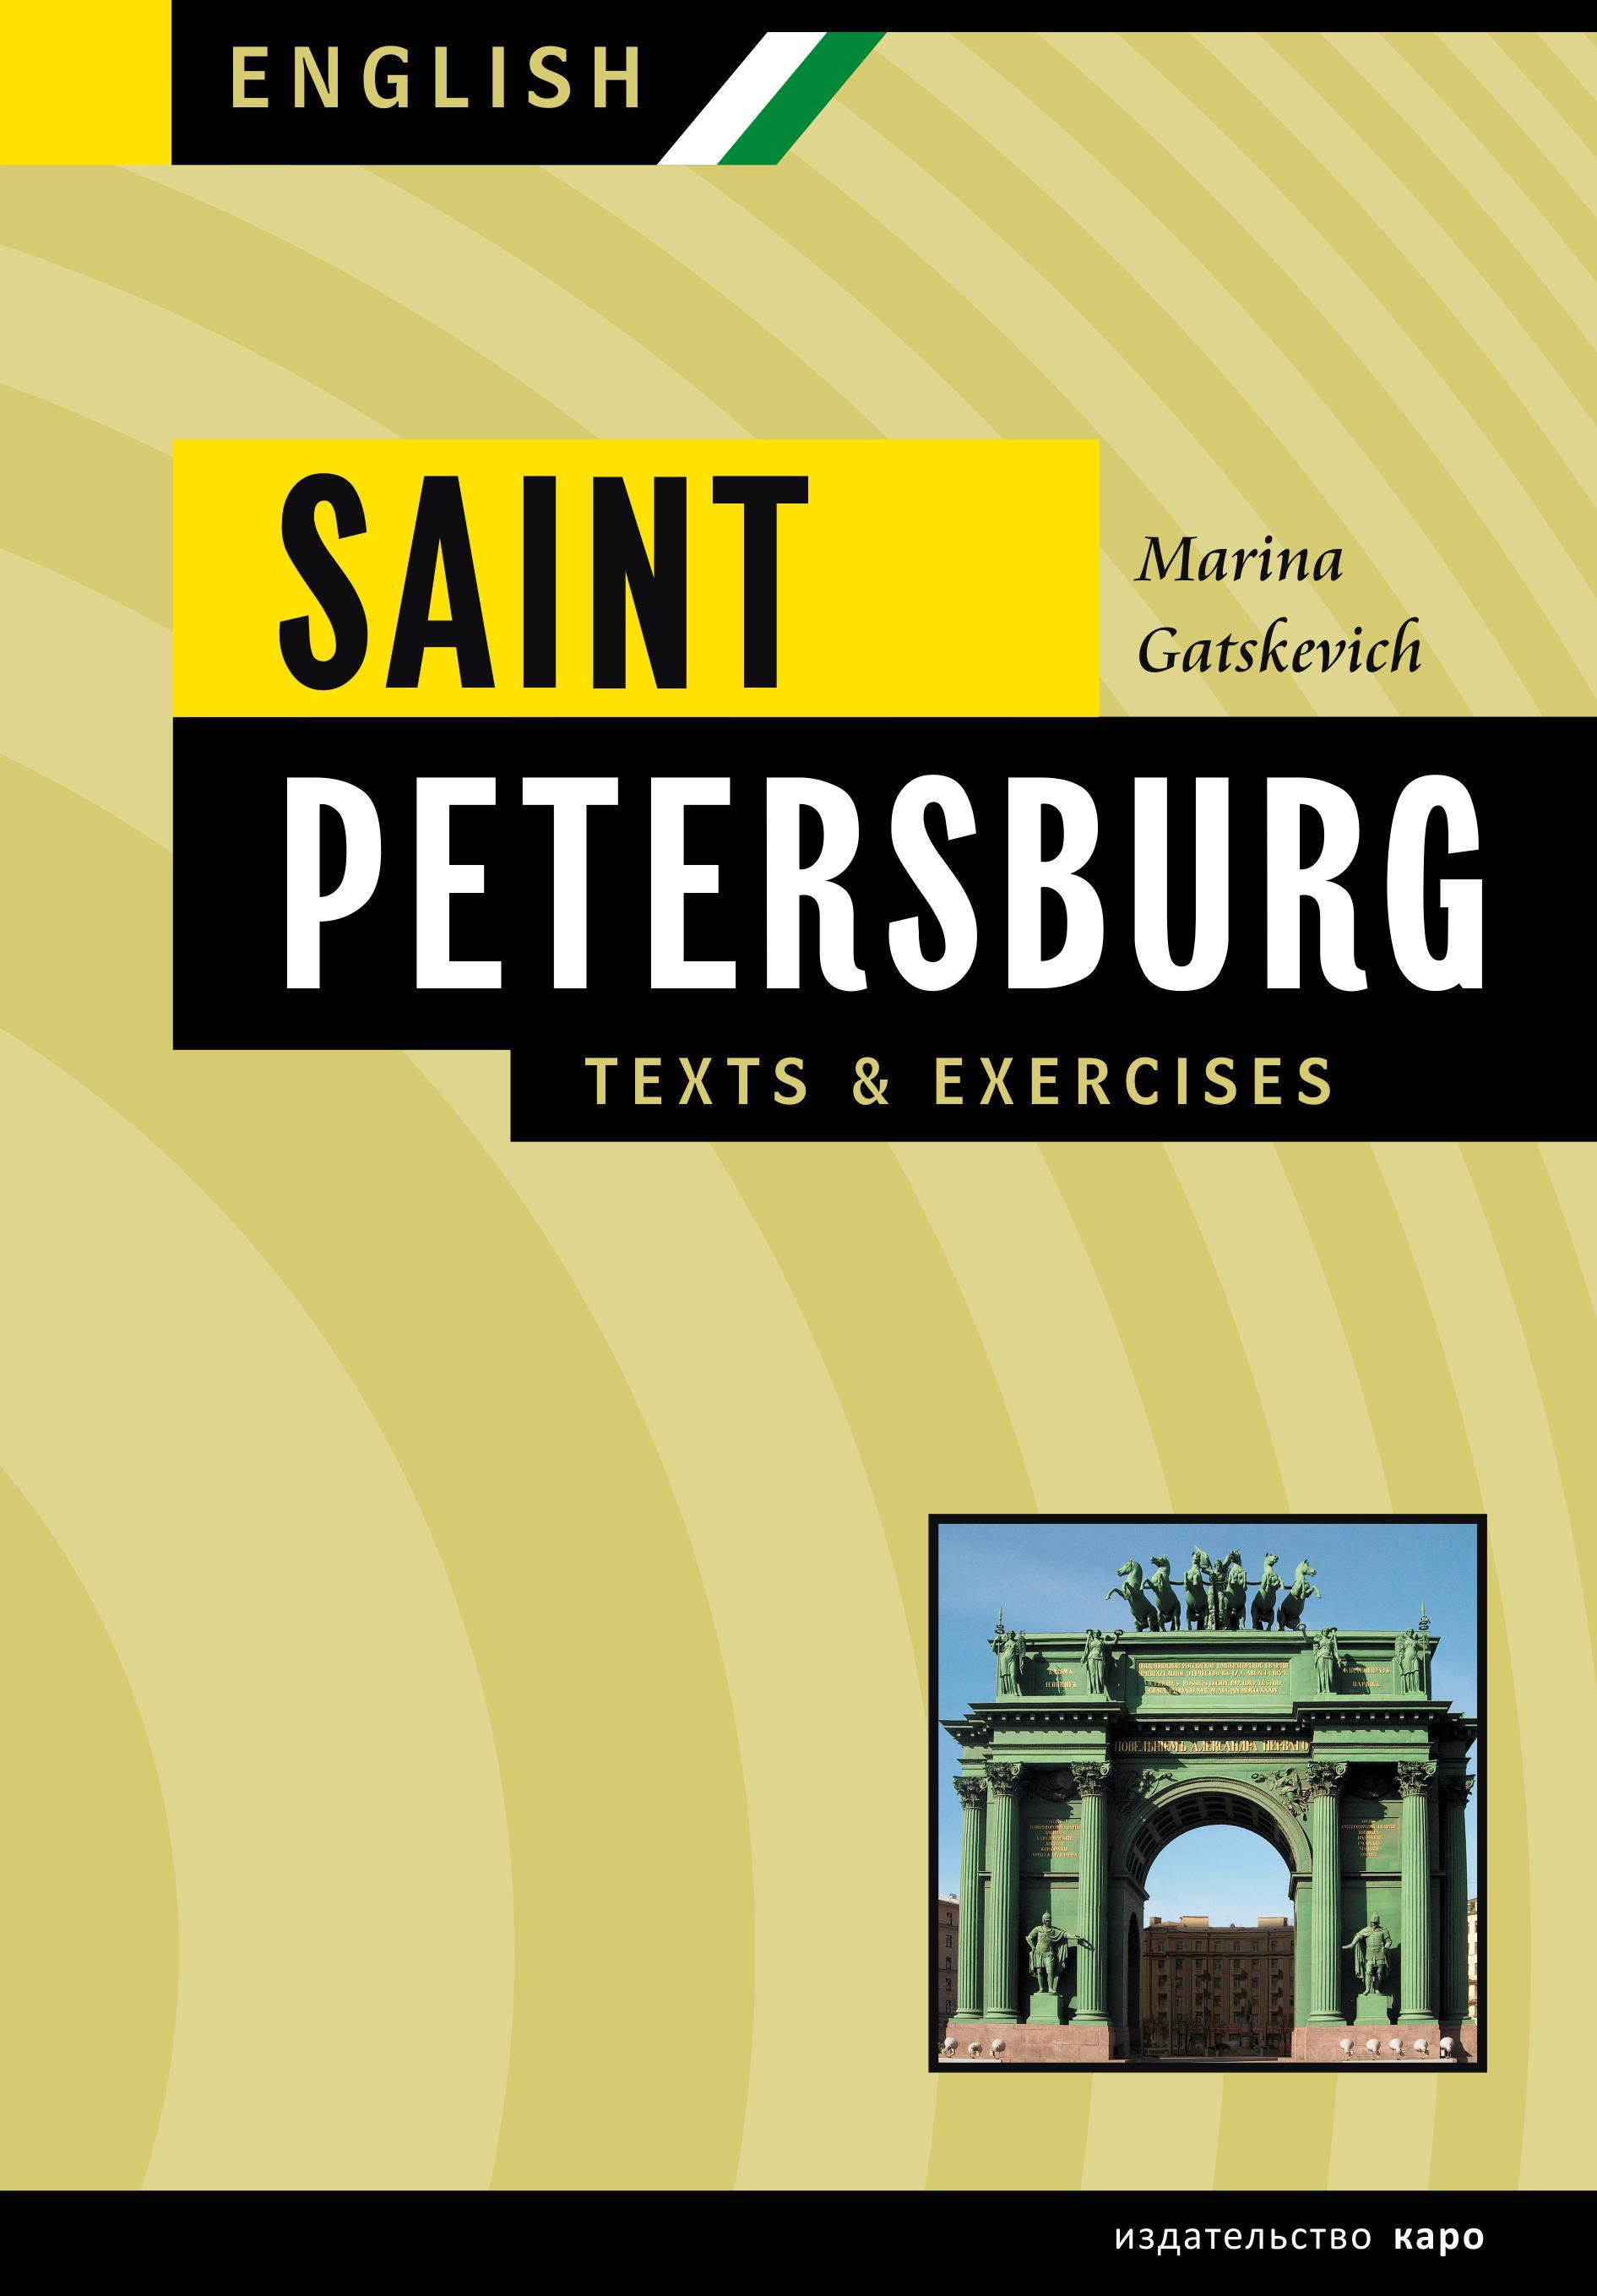 Марина Гацкевич Санкт-Петербург. Тексты и упражнения. Книга 2 / Saint Petersburg: Texts & Exercises